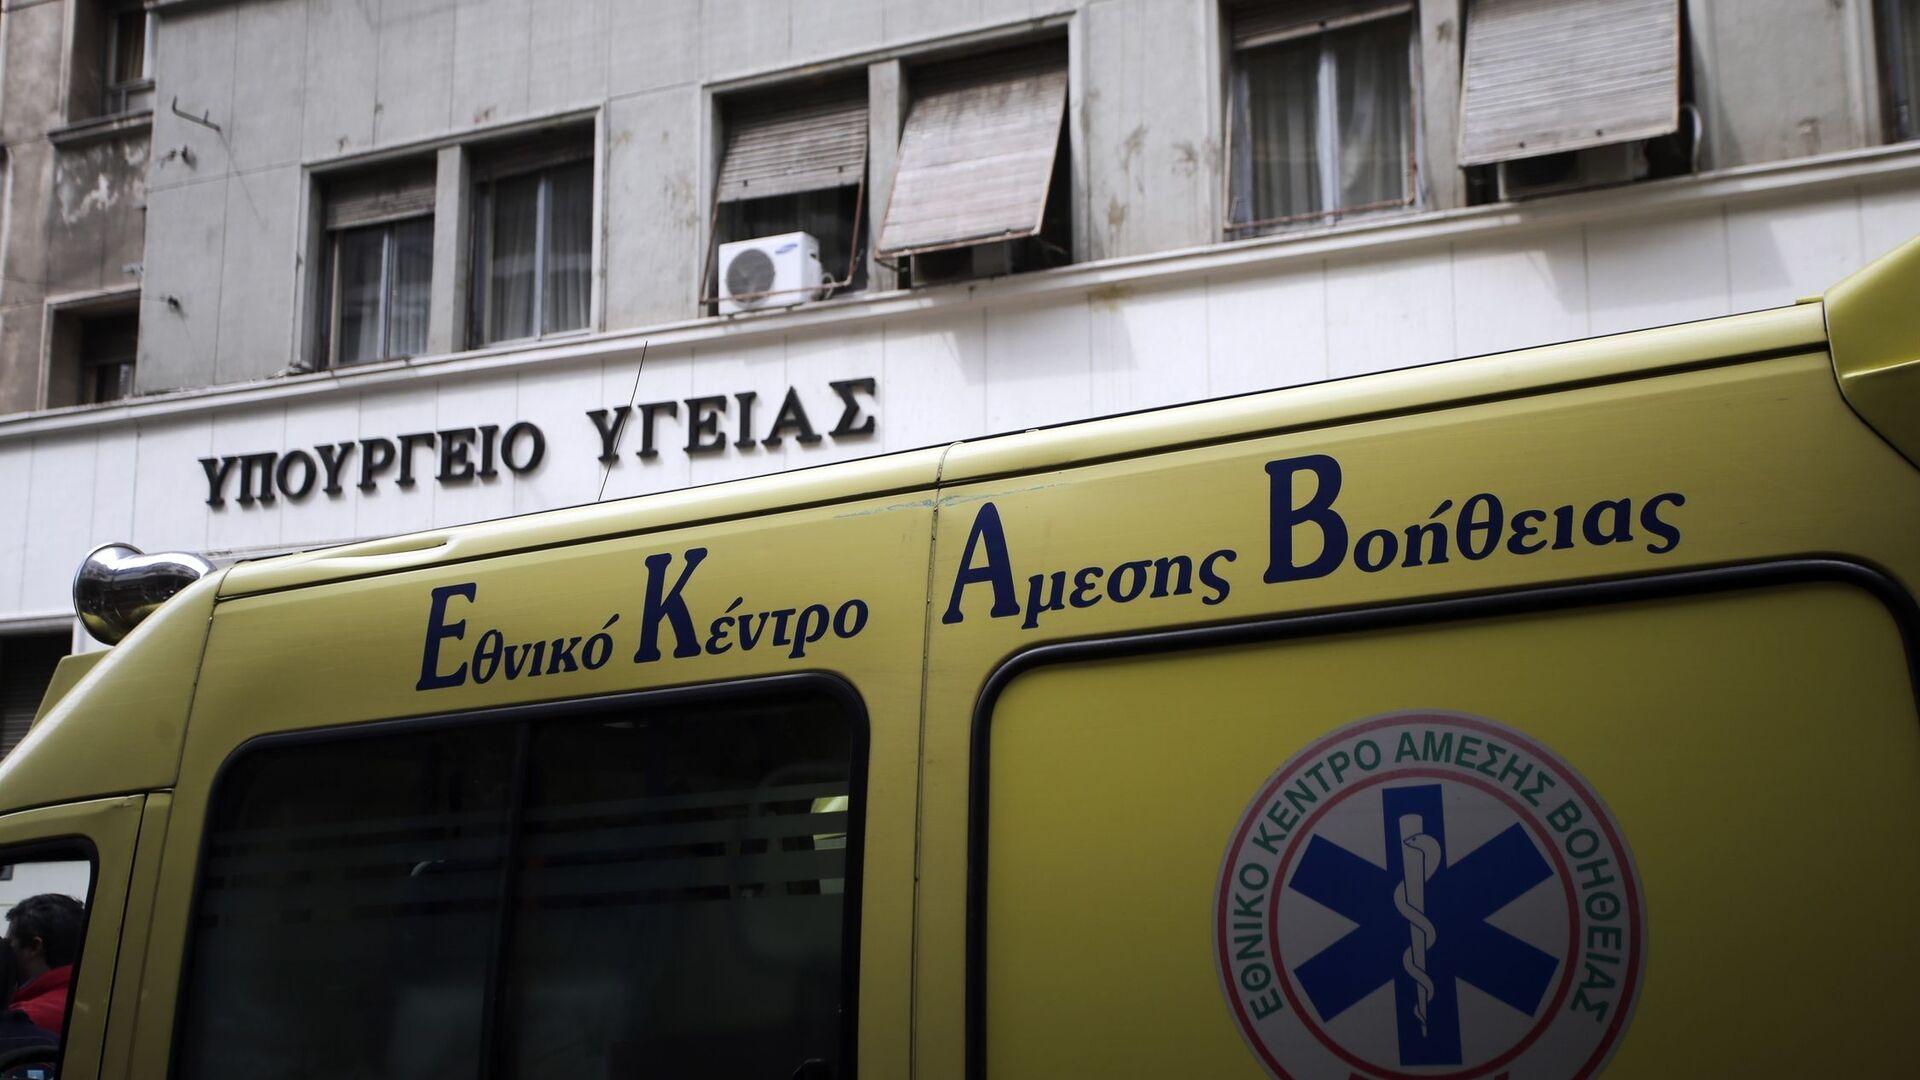 Ασθενοφόρο του ΕΚΑΒ - Sputnik Ελλάδα, 1920, 17.09.2021